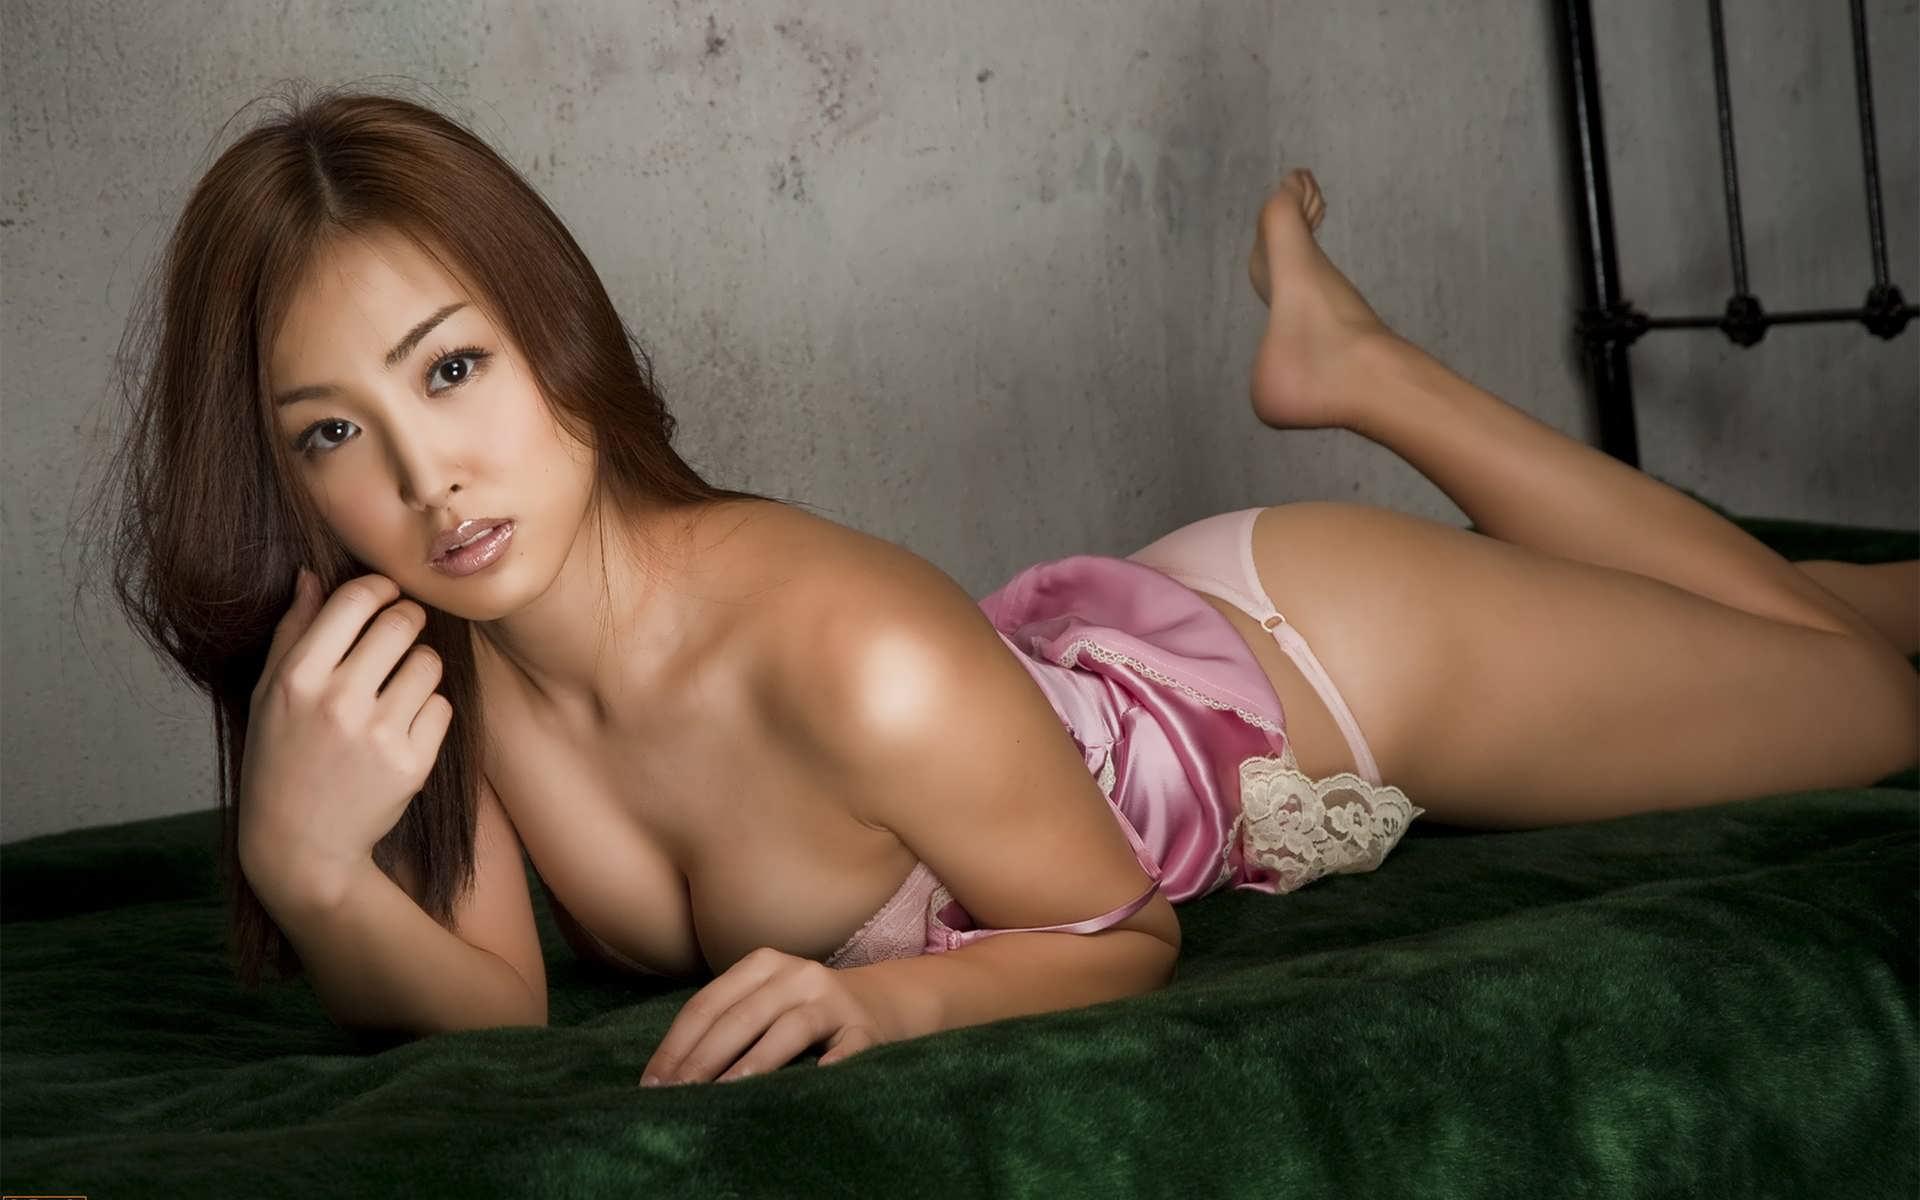 Японка в ночнушке порно 8 фотография